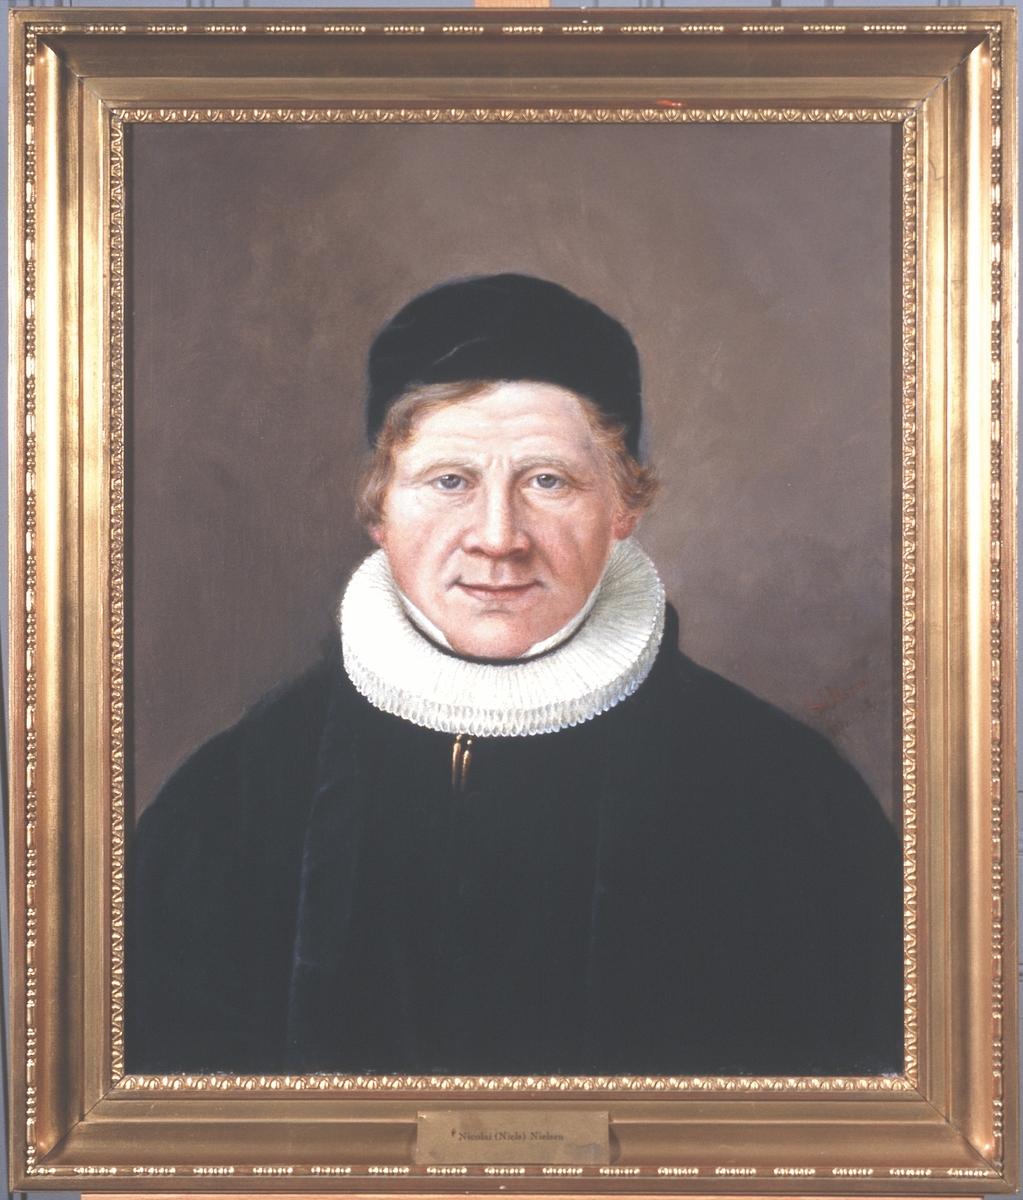 Portrett av Nicolai (Niels) Nielsen. Prestakjole og pipekrave, svart hodeplagg (kalott).